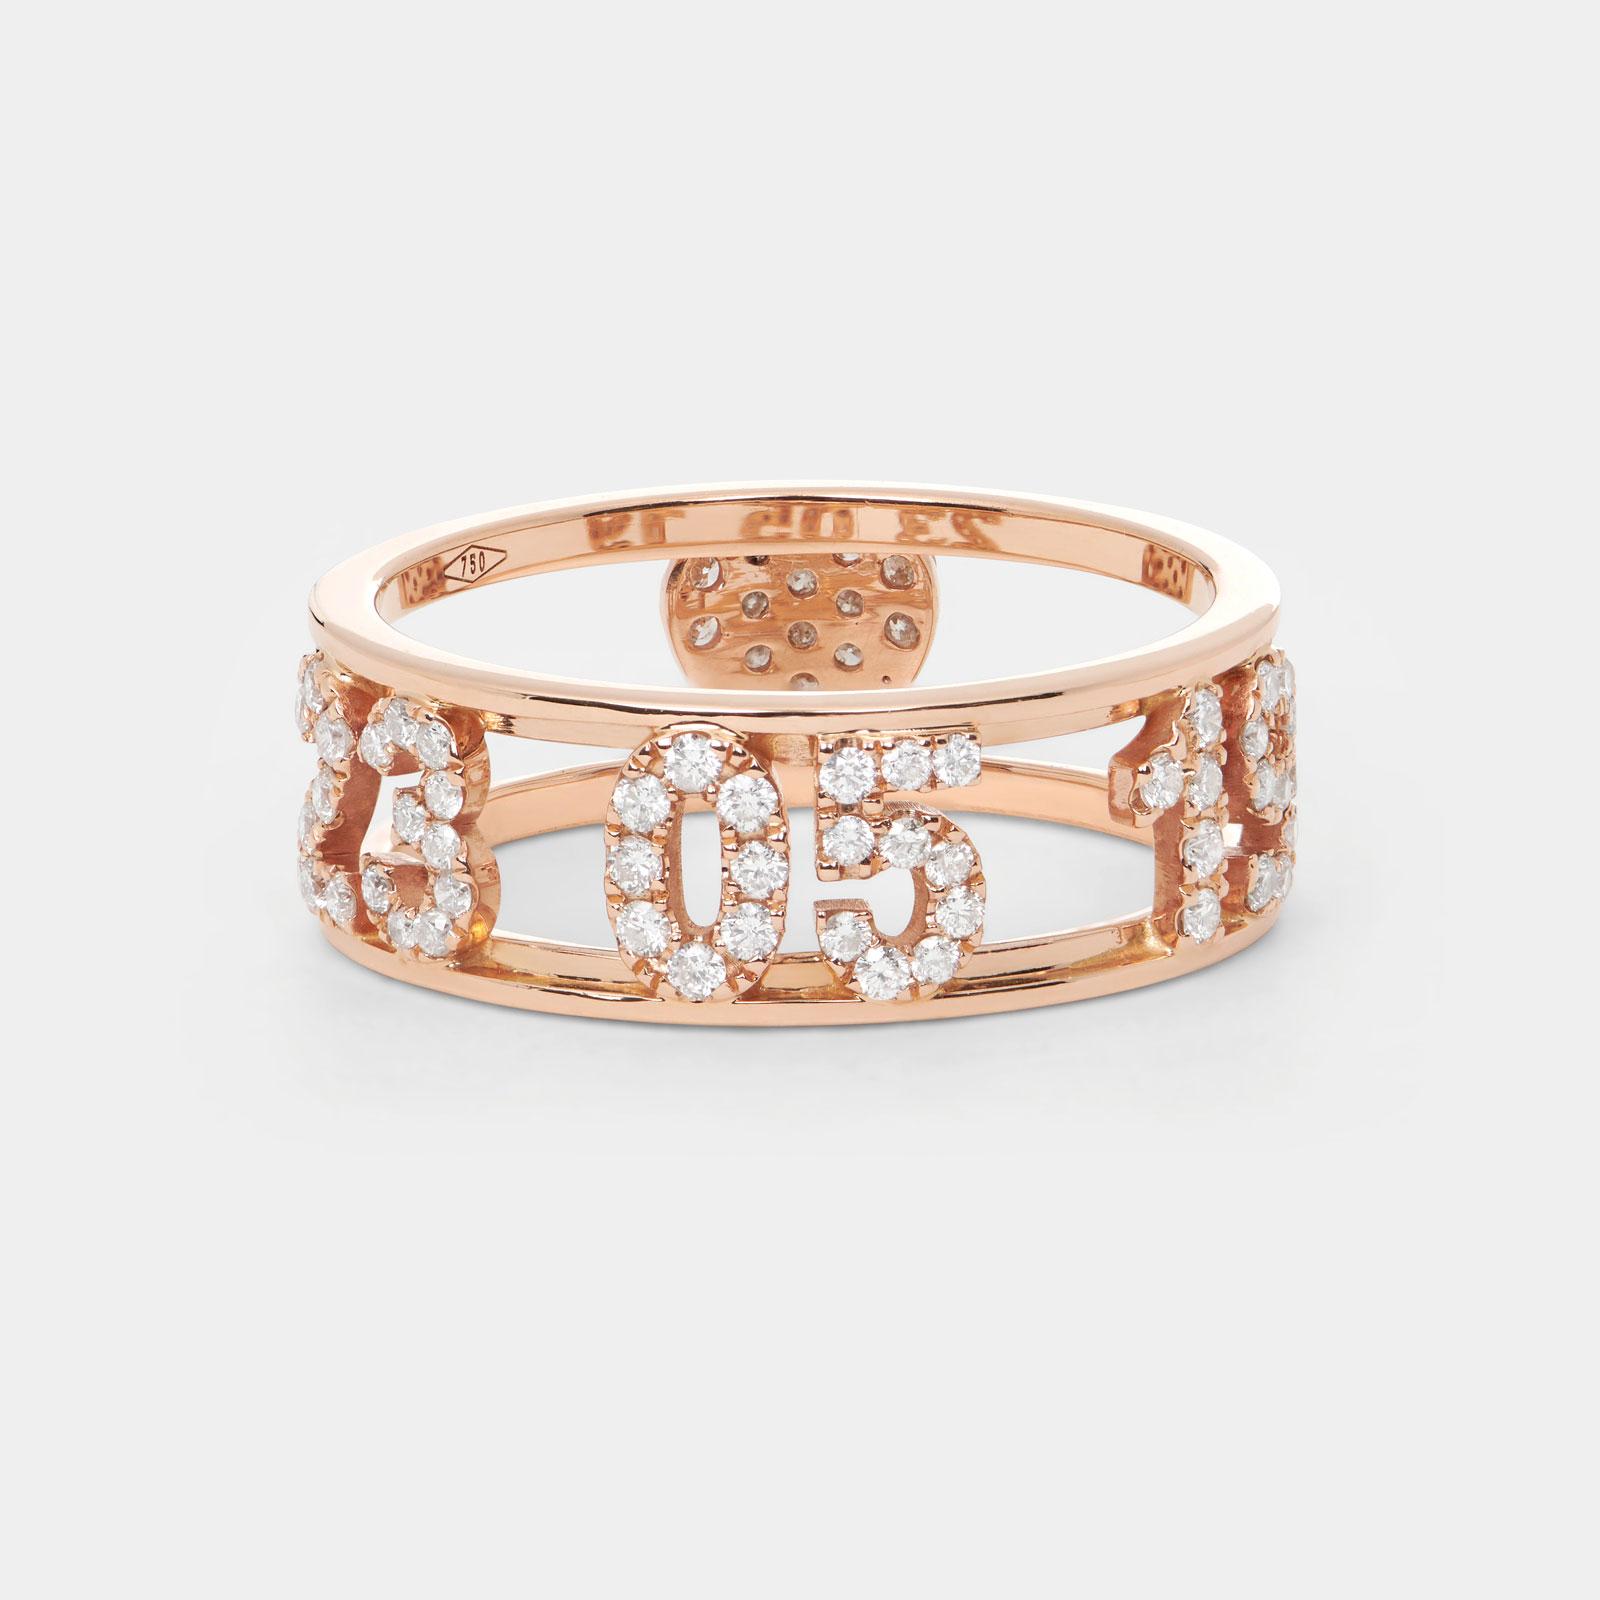 Anello fascia portbonheur personalizzato in oro rosa e diamanti - Rosanna Cattolico gioielli